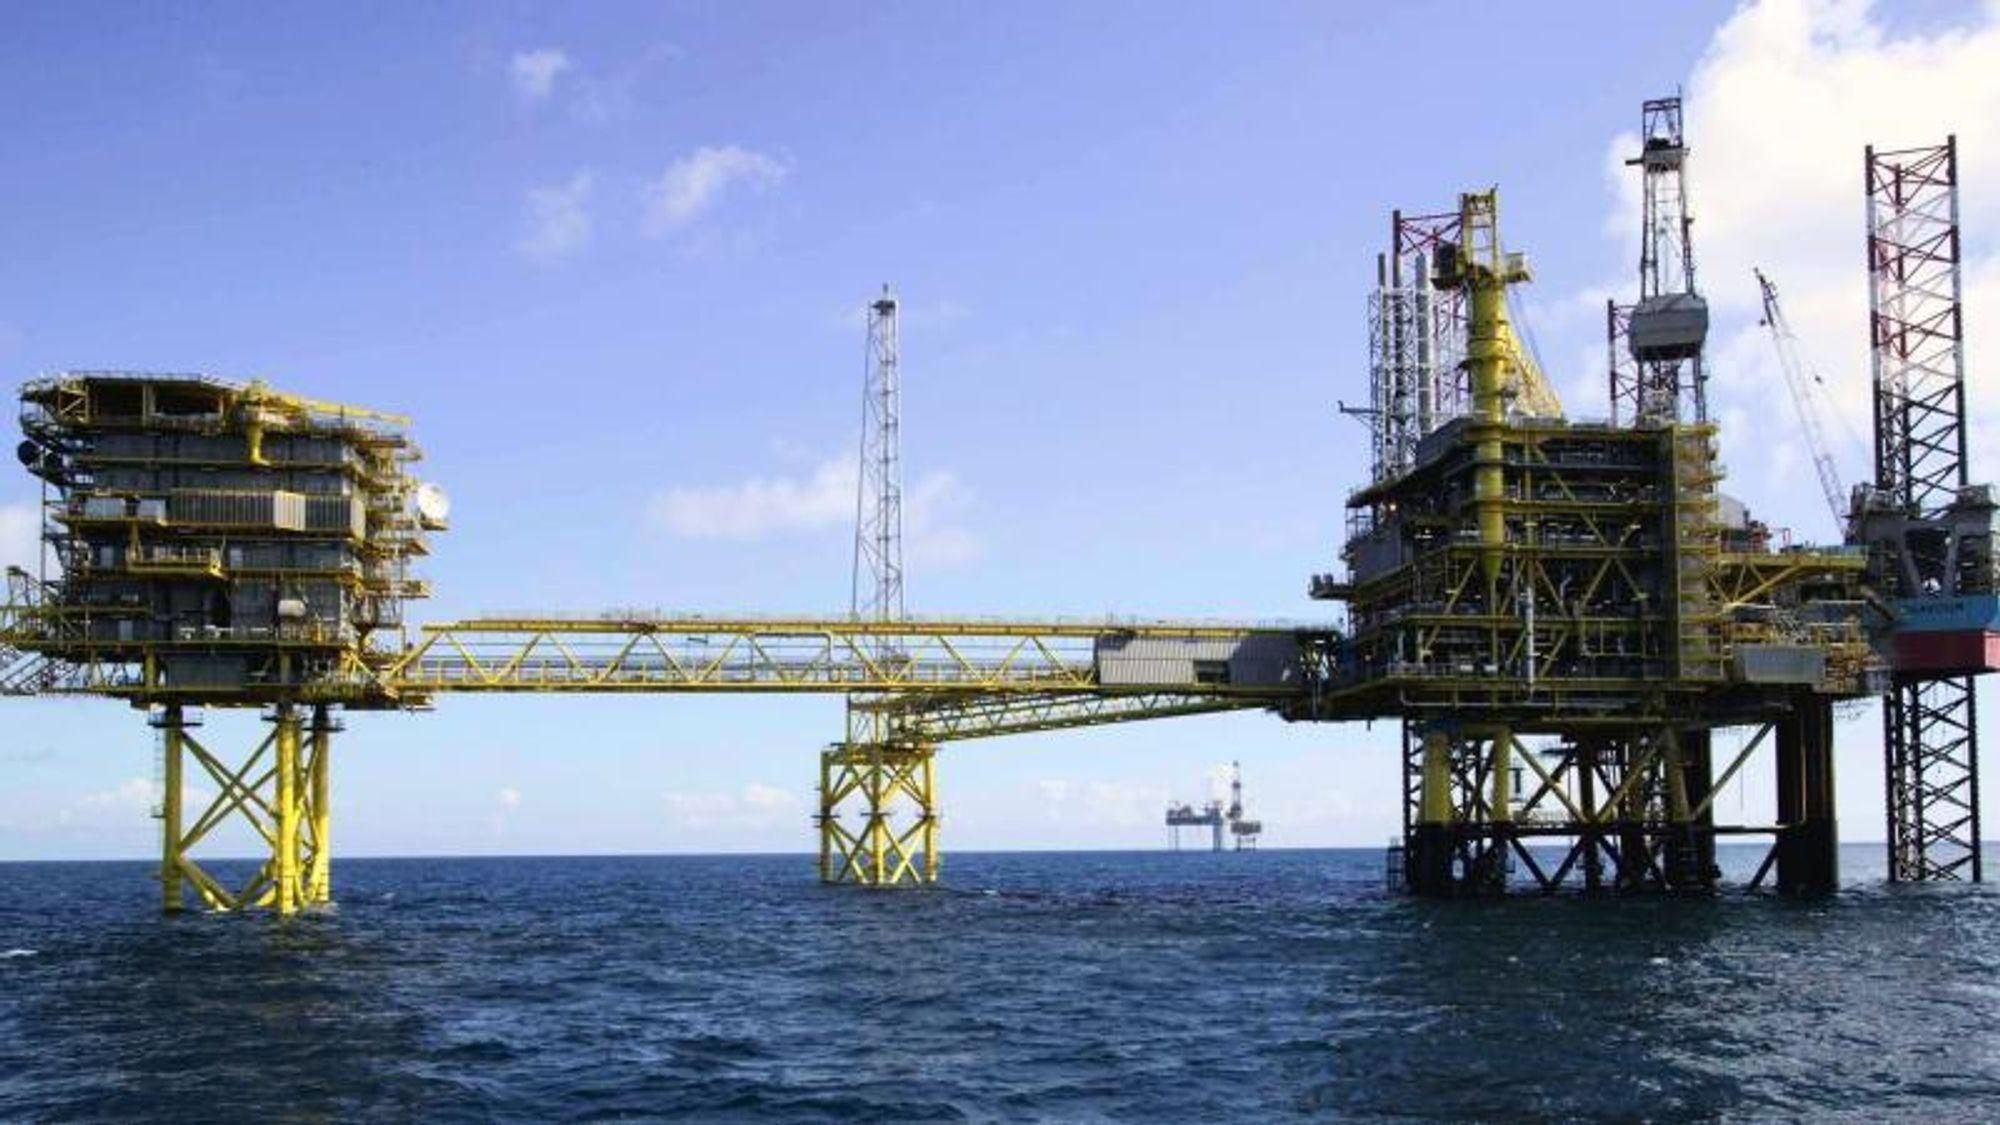 Selskapet Mærsk Oil unnlot å fortelle Miljøstyrelsen om omklassifiseringen i to år, og fortsatte med å slippe ut kjemikaliene.